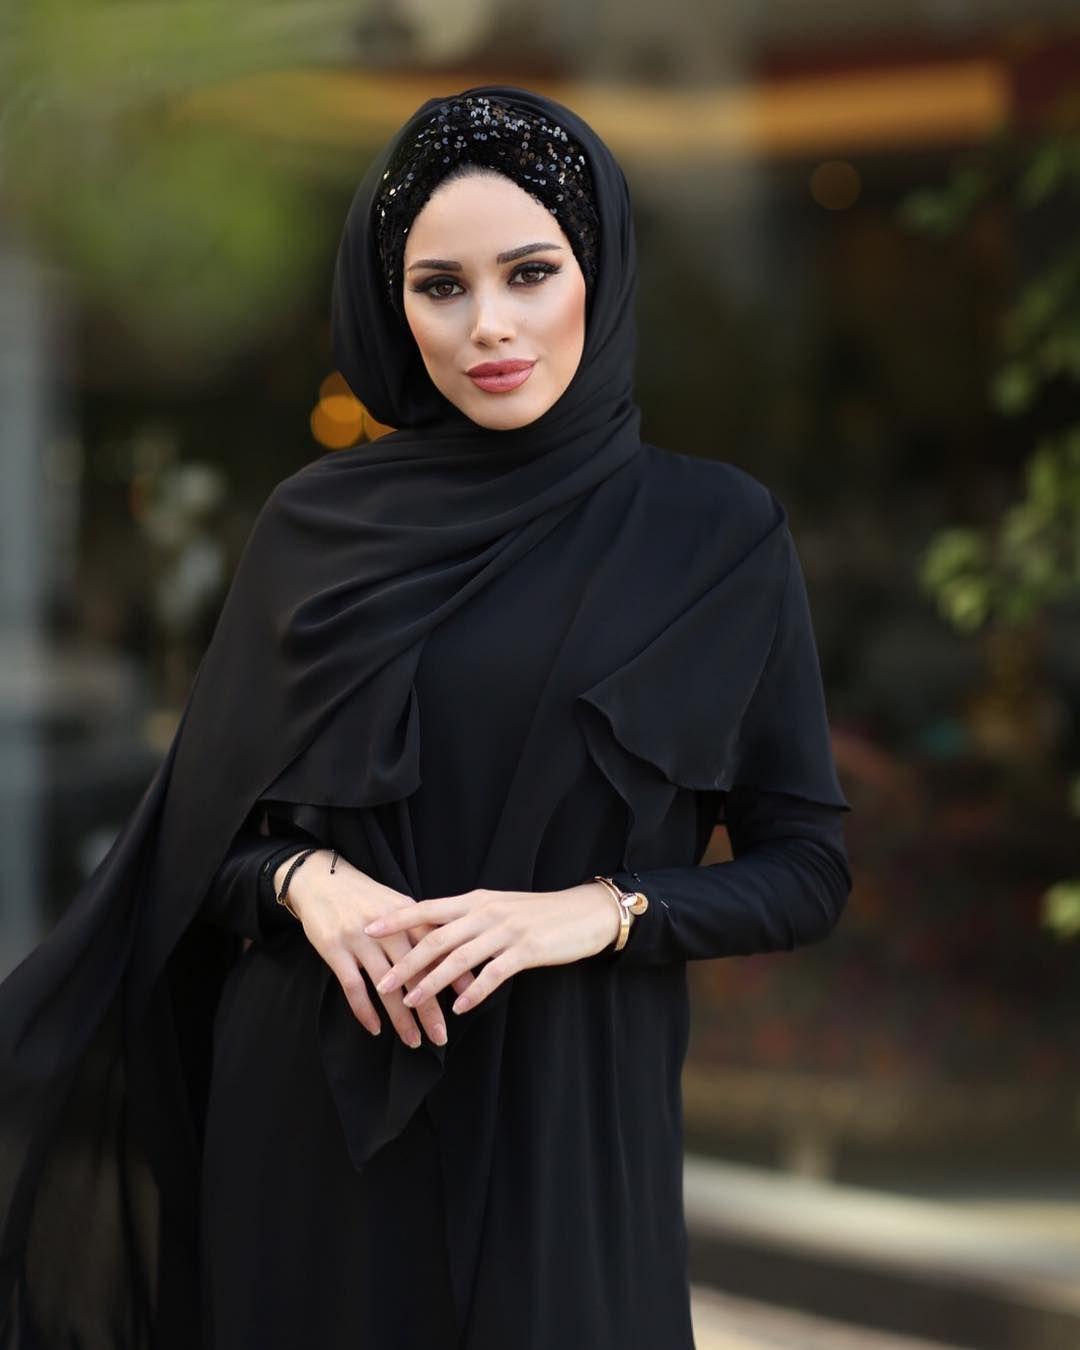 Luc Payet Salimiz Renkleriyle Efsane Sedayamancollection Tesettur Ferace Elbise Modelleri 2019 Payet Islami Giyim Sal